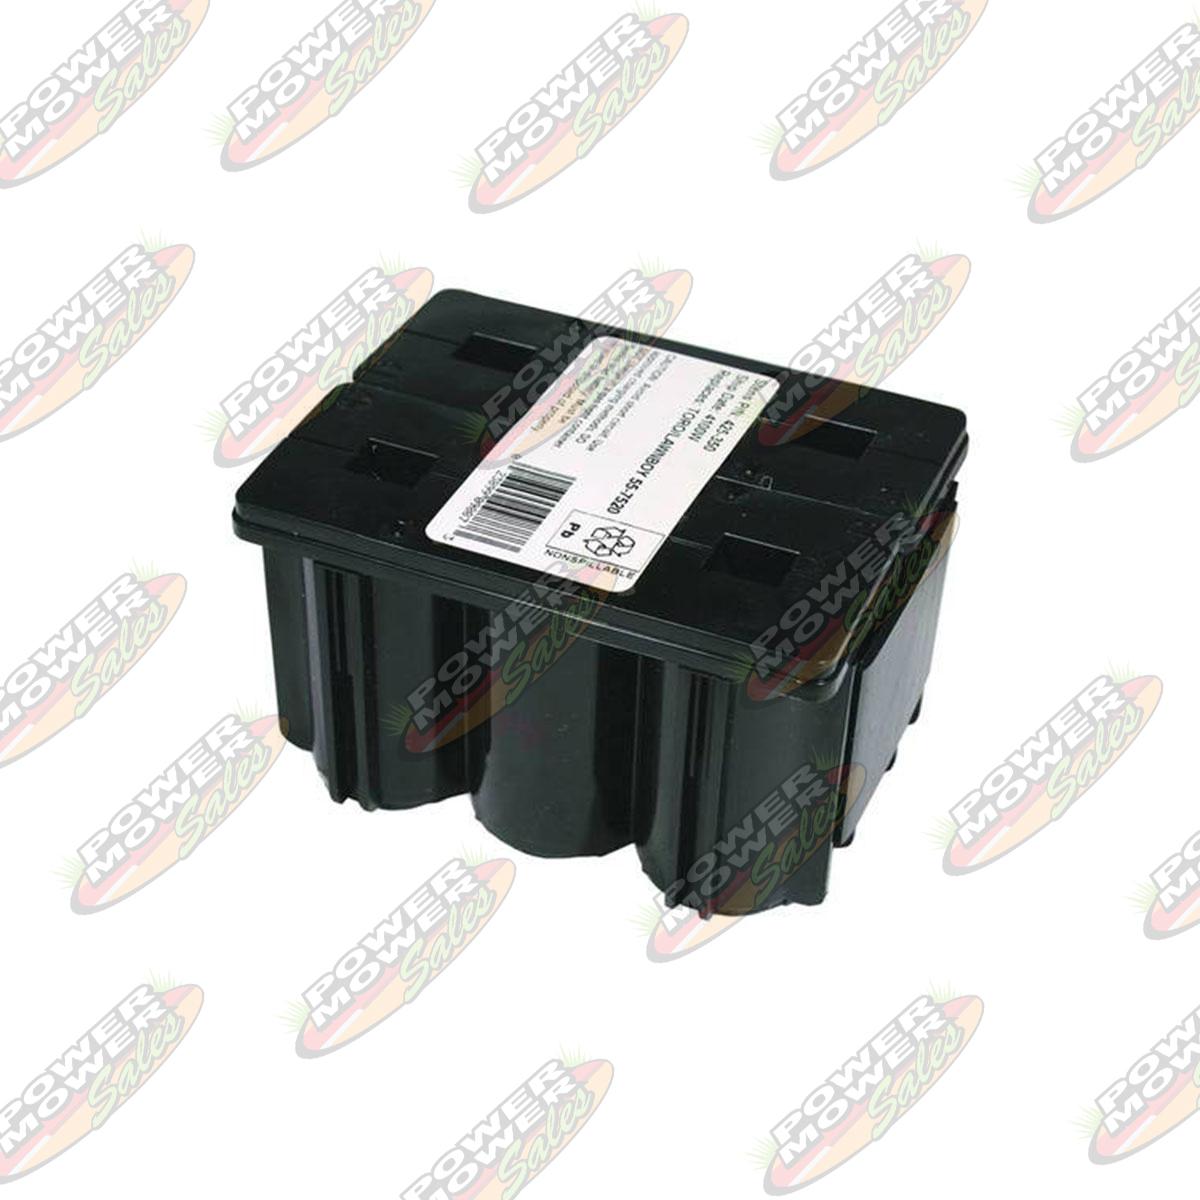 Battery Toro 55 7520 Power Mower Sales